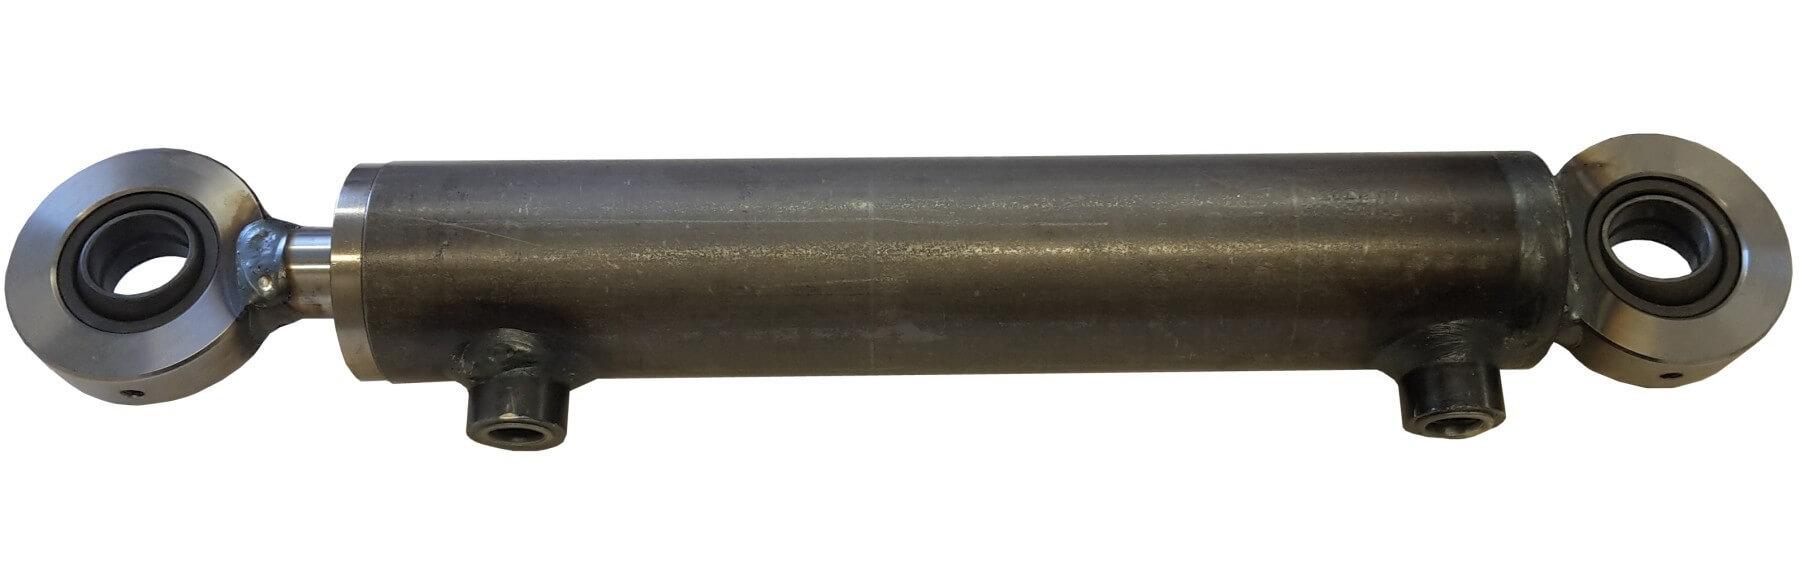 Hydraulisylinteri CL 50. 30. 200 GE - Kailatec Oy Verkkokauppa